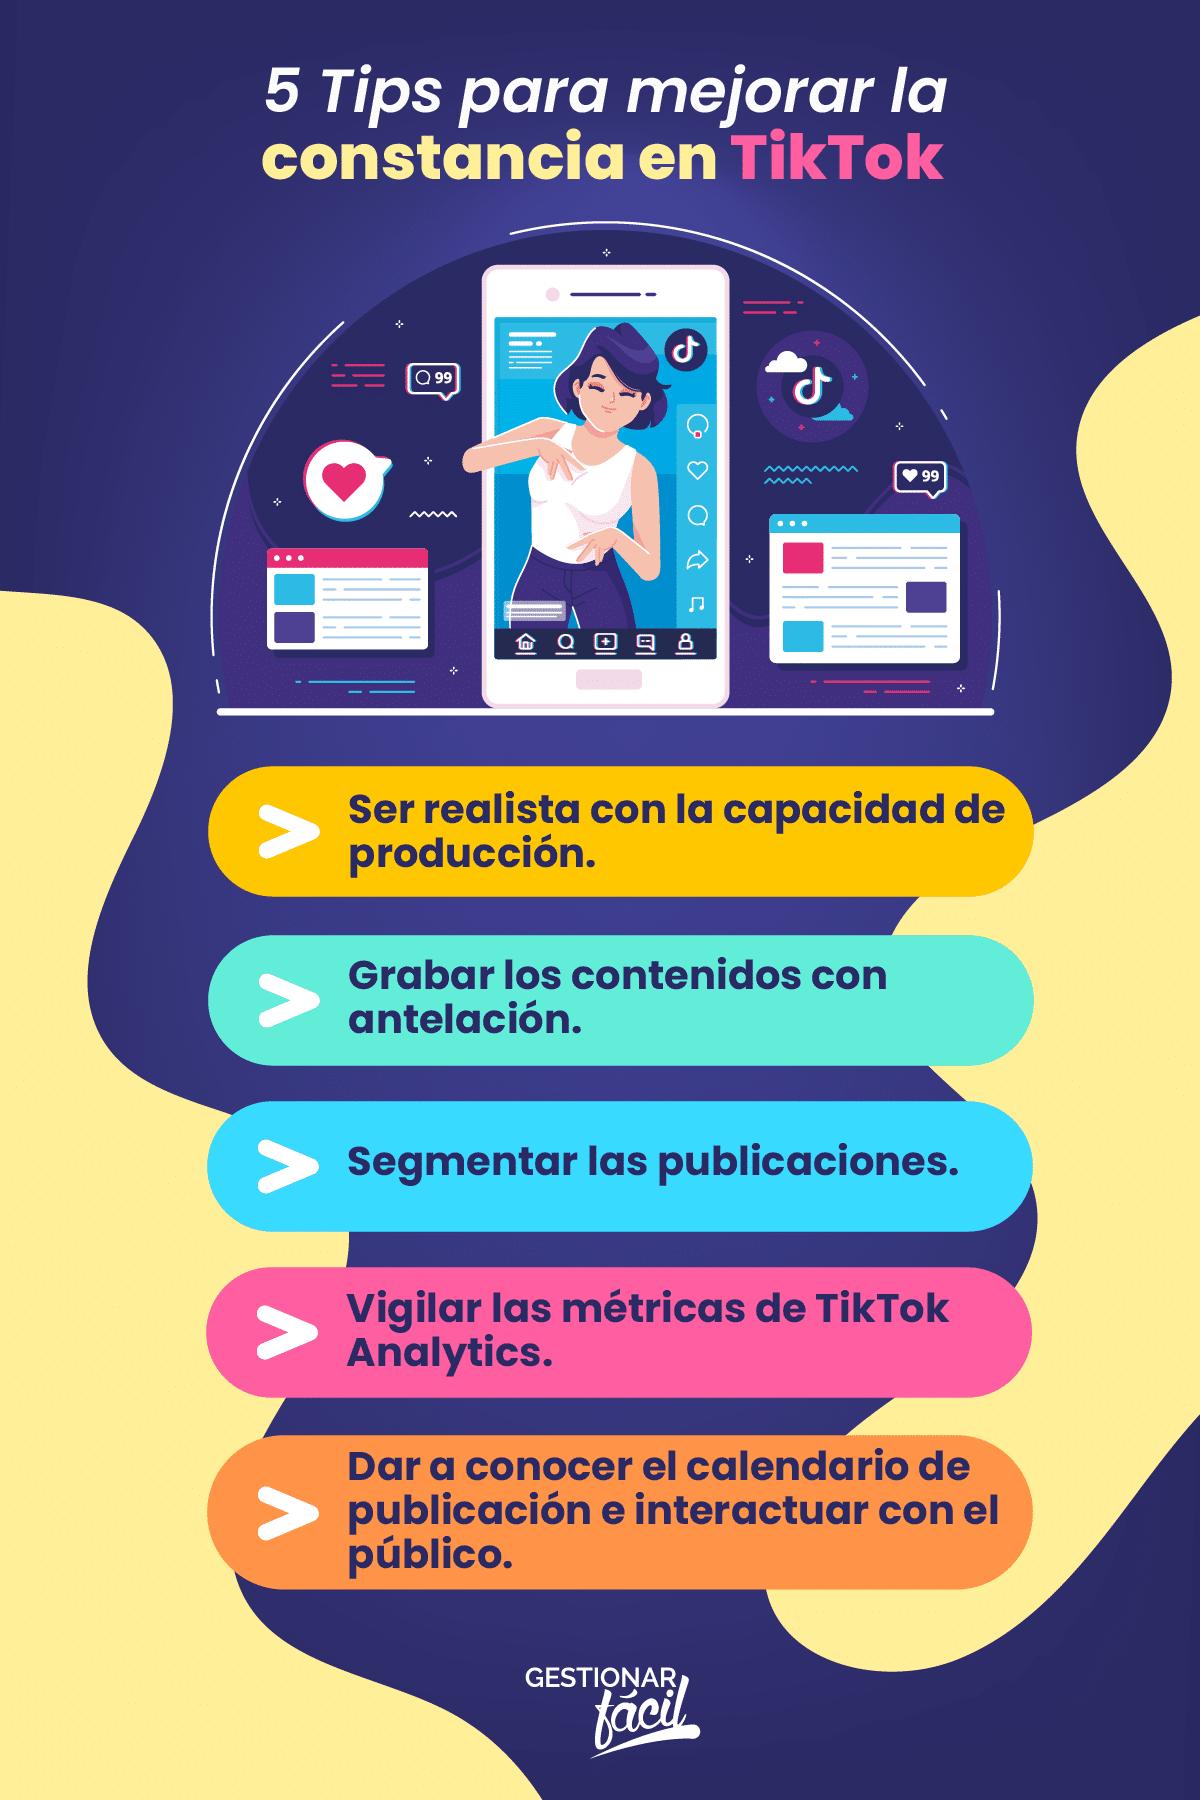 Tips para mejorar la constancia en TikTok.